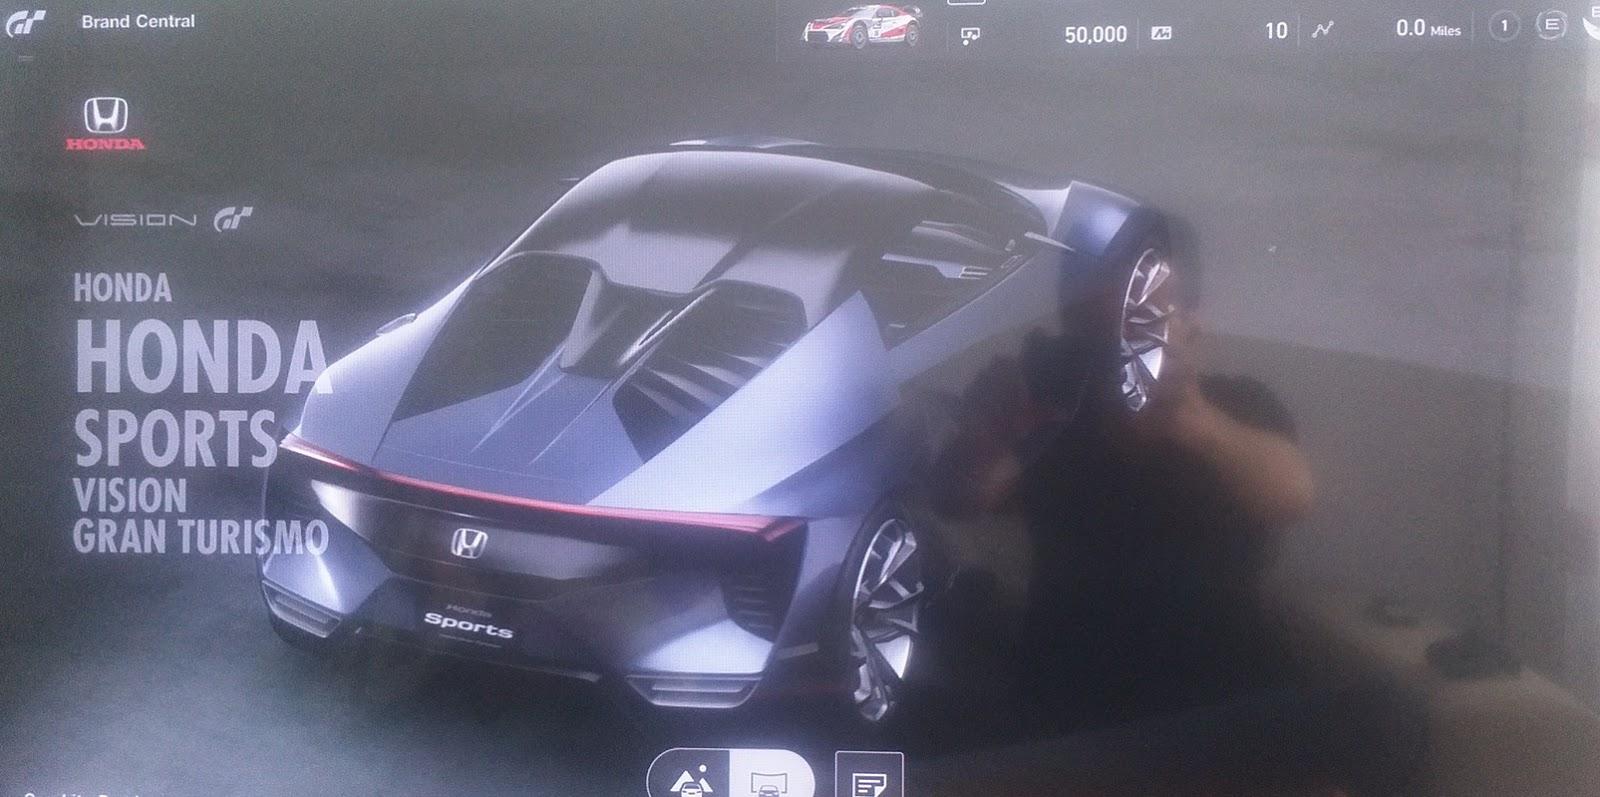 honda-sports-vision-gt-leak-1